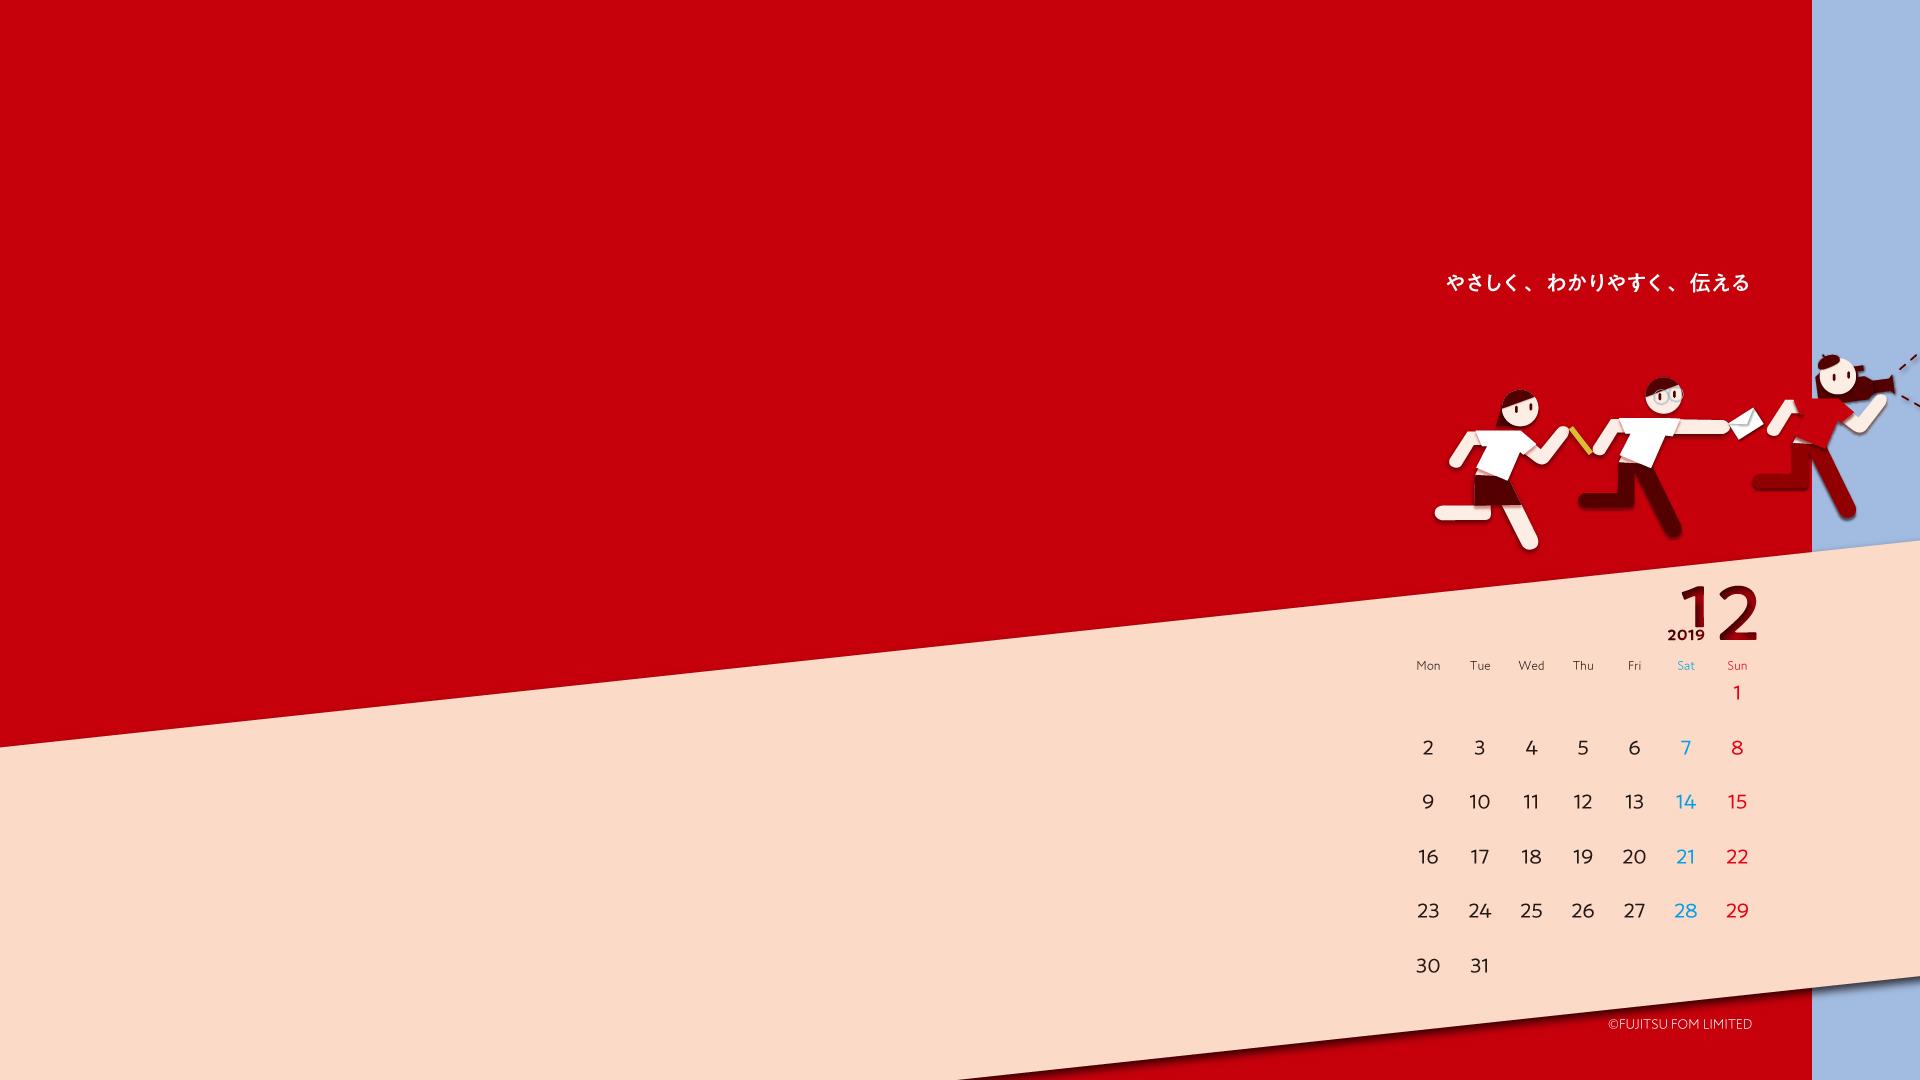 年カレンダー Fomサービス 壁紙 富士通エフ オー エム